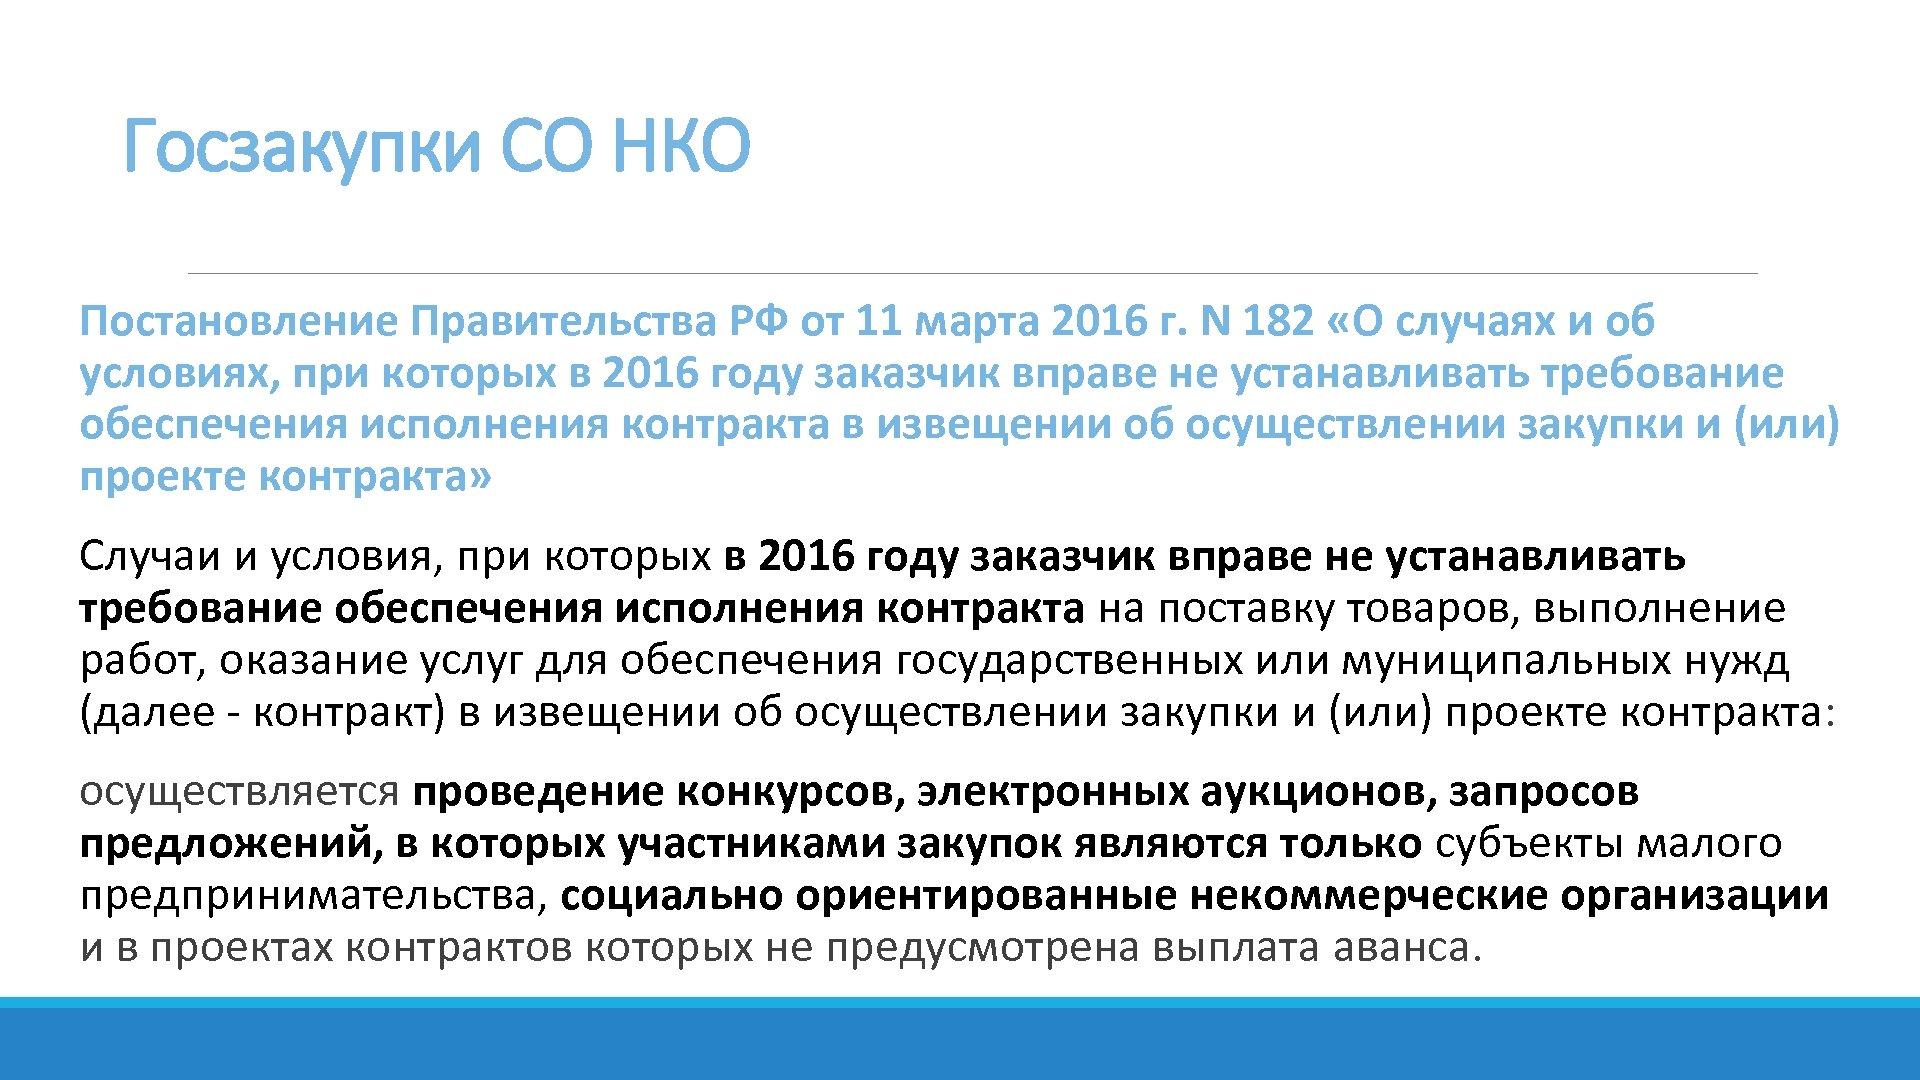 Госзакупки СО НКО Постановление Правительства РФ от 11 марта 2016 г. N 182 «О